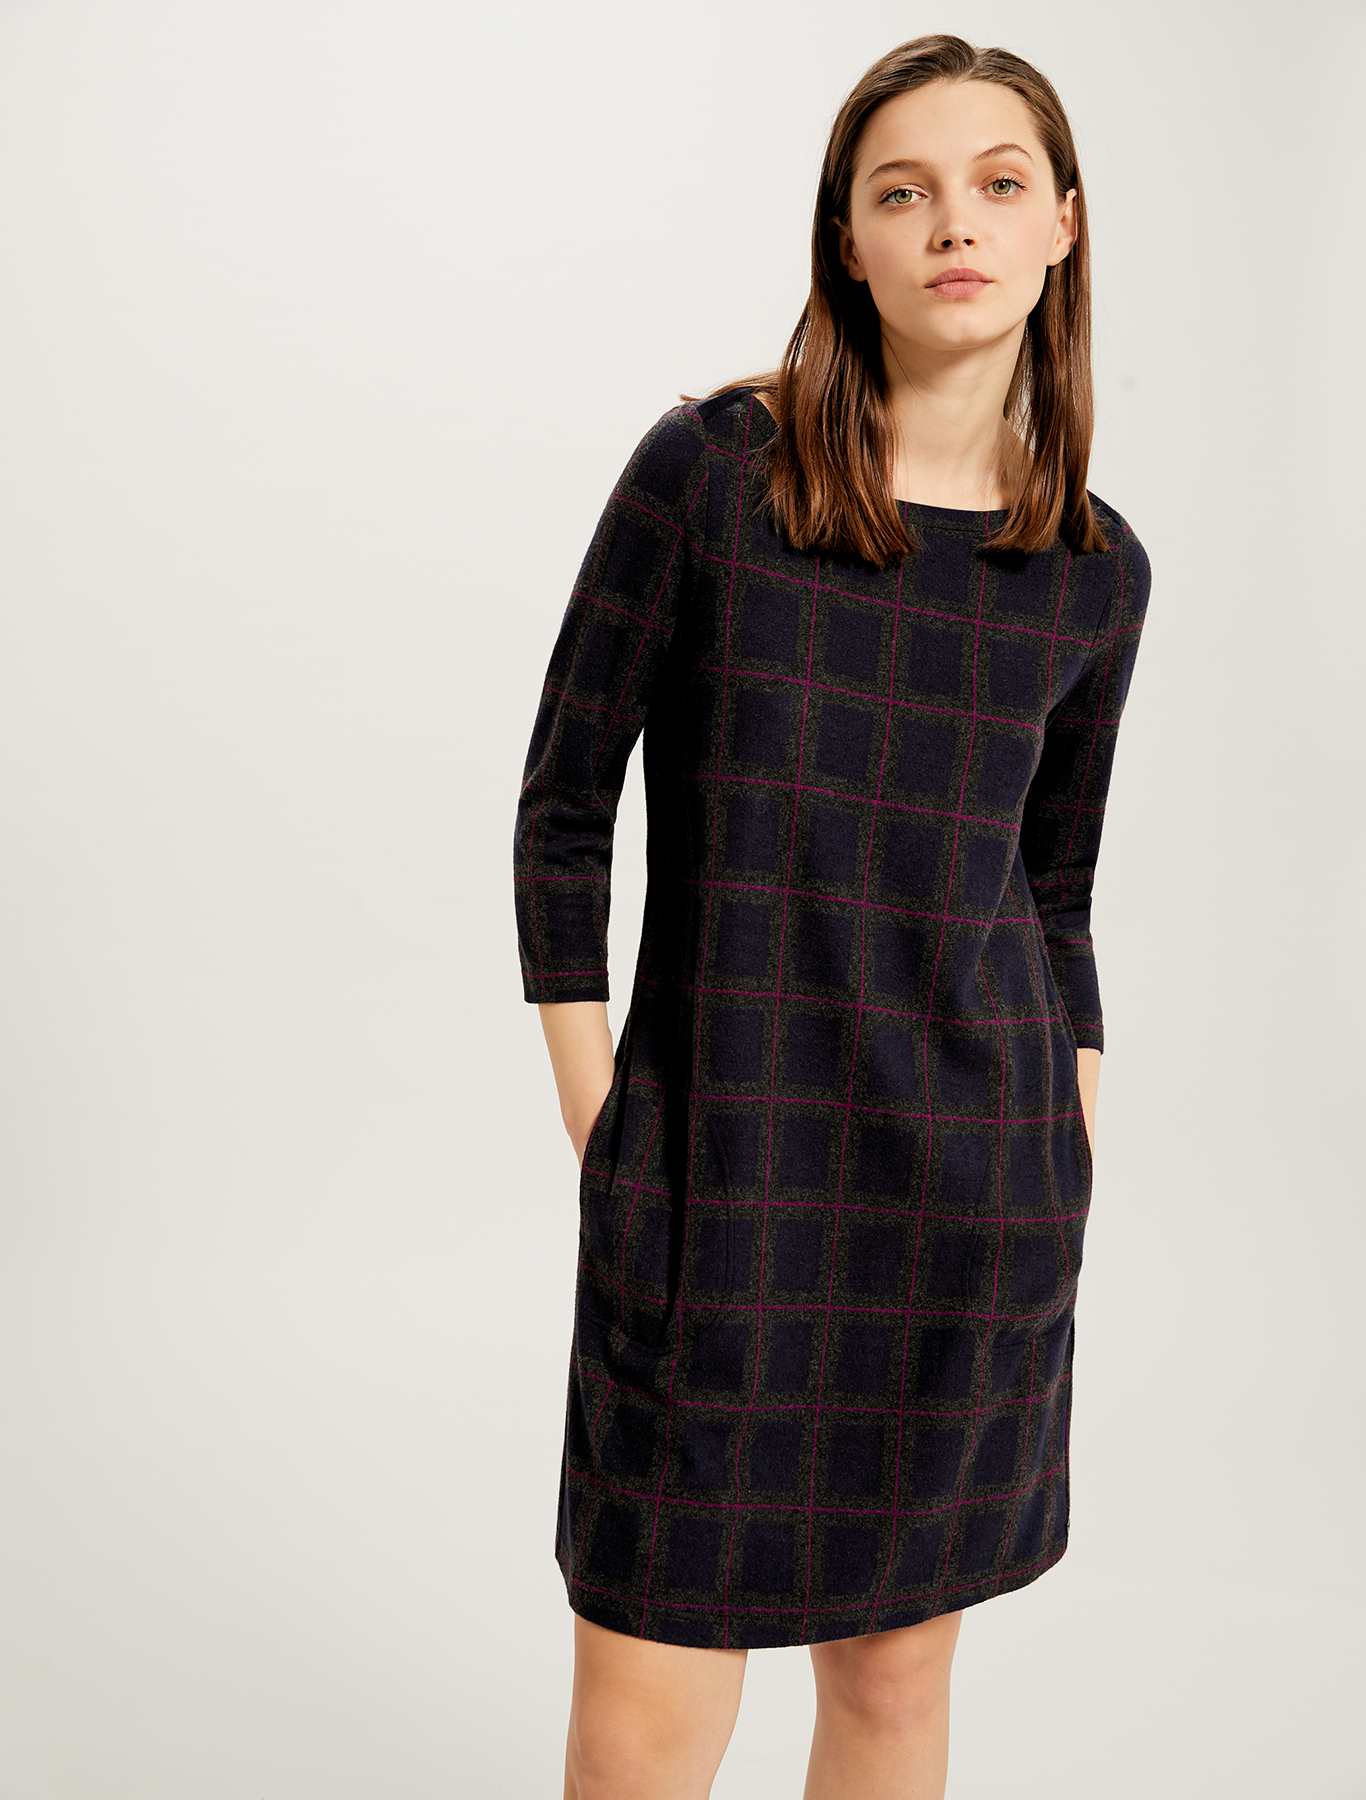 Jacquard jersey dress - navy blue pattern - pennyblack